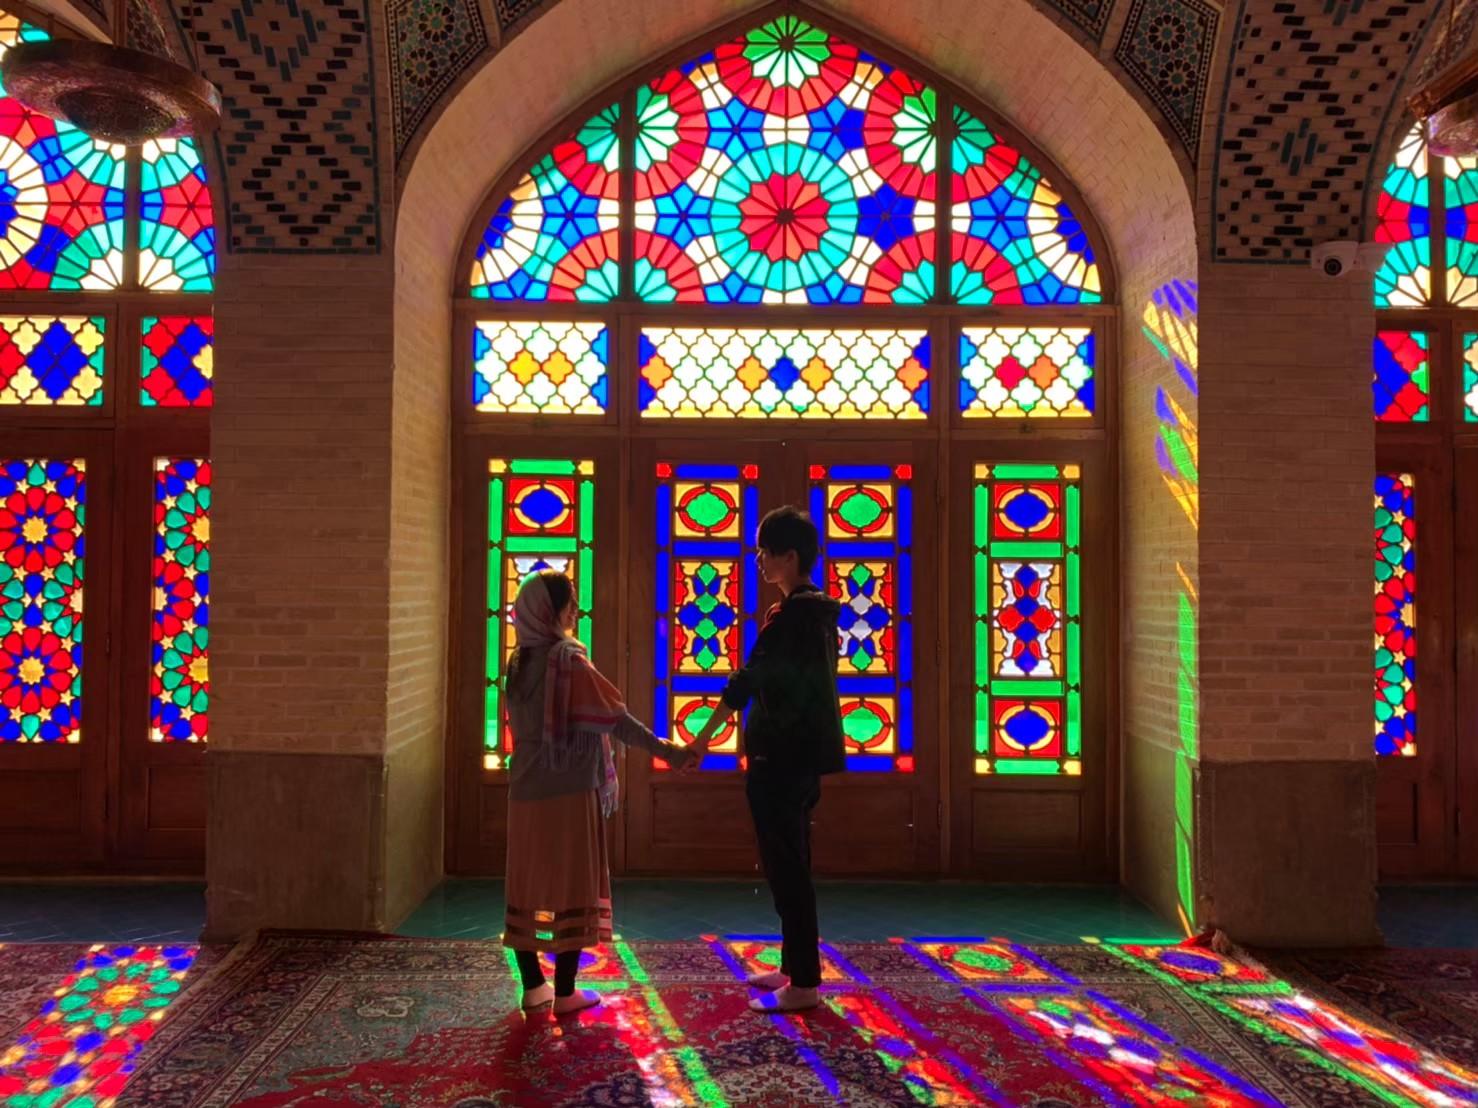 シーラーズのピンクモスク!忘れられないステンドグラス